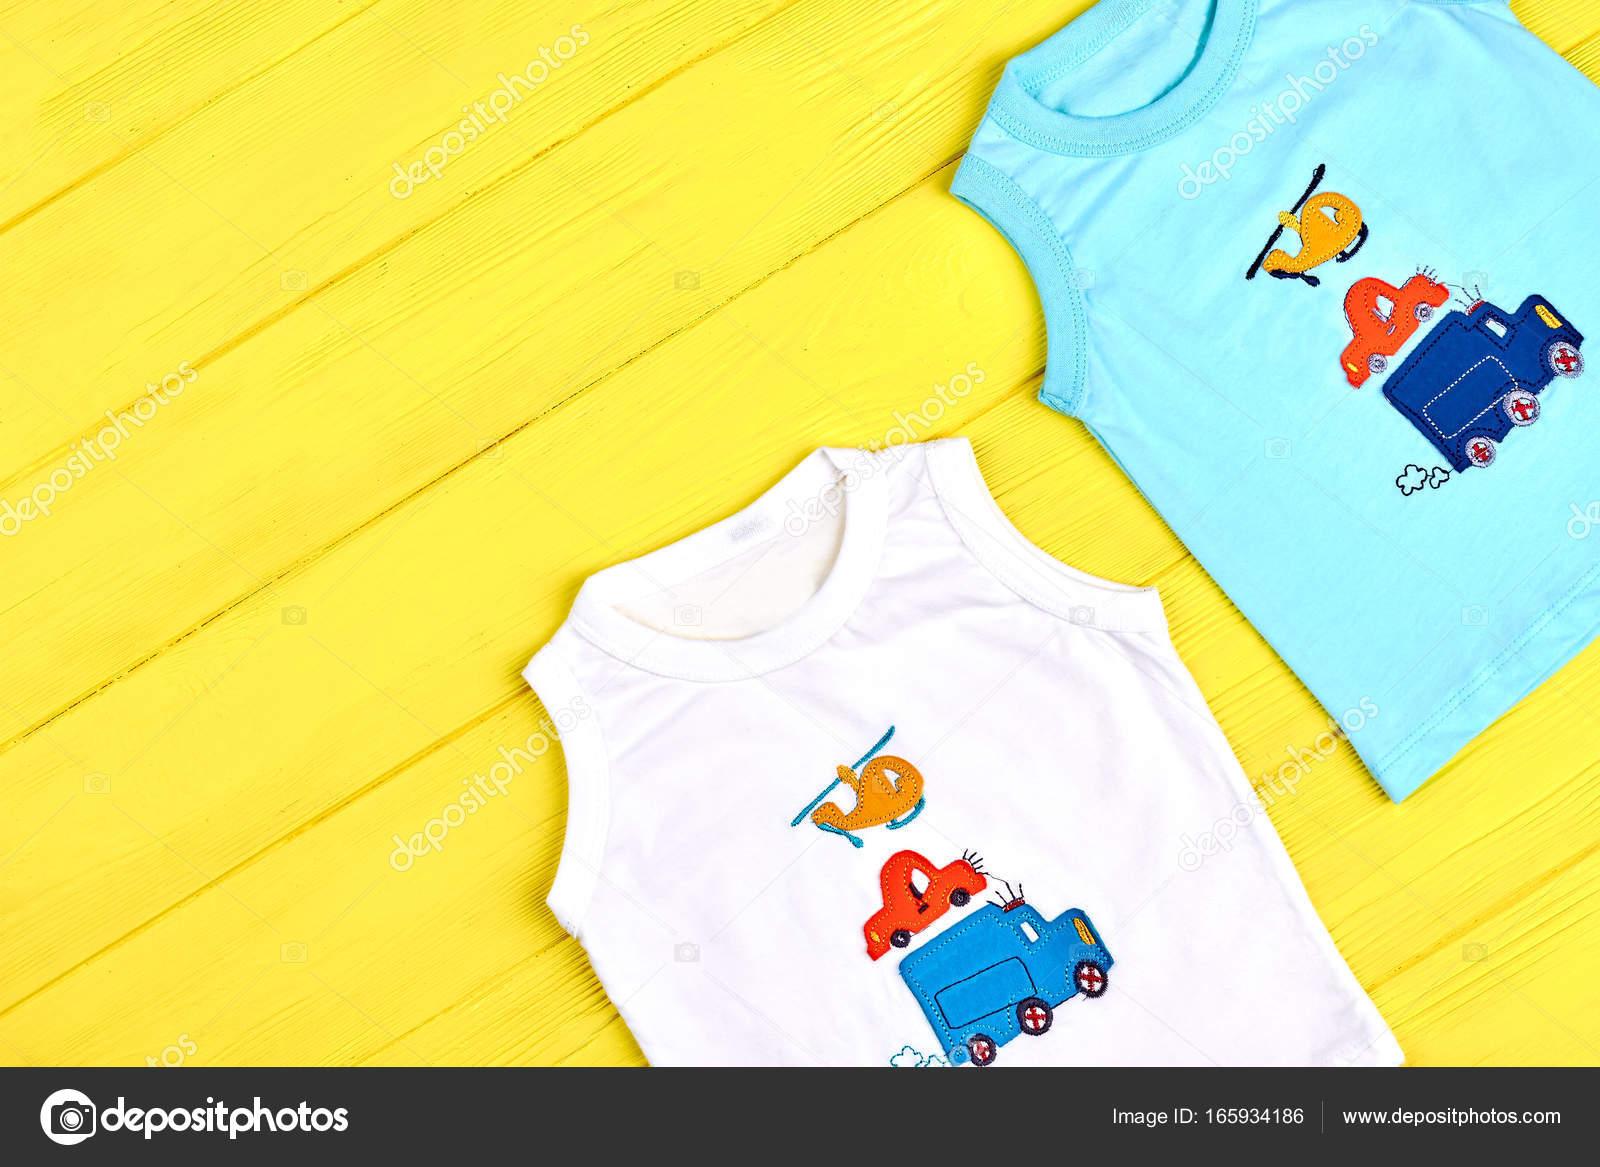 82c8b9cbd7748 D été pour bébés garçons vêtements colorés. Ensemble de tendance cartoon  t-shirts pour les garçons de bambin sur fond en bois jaune